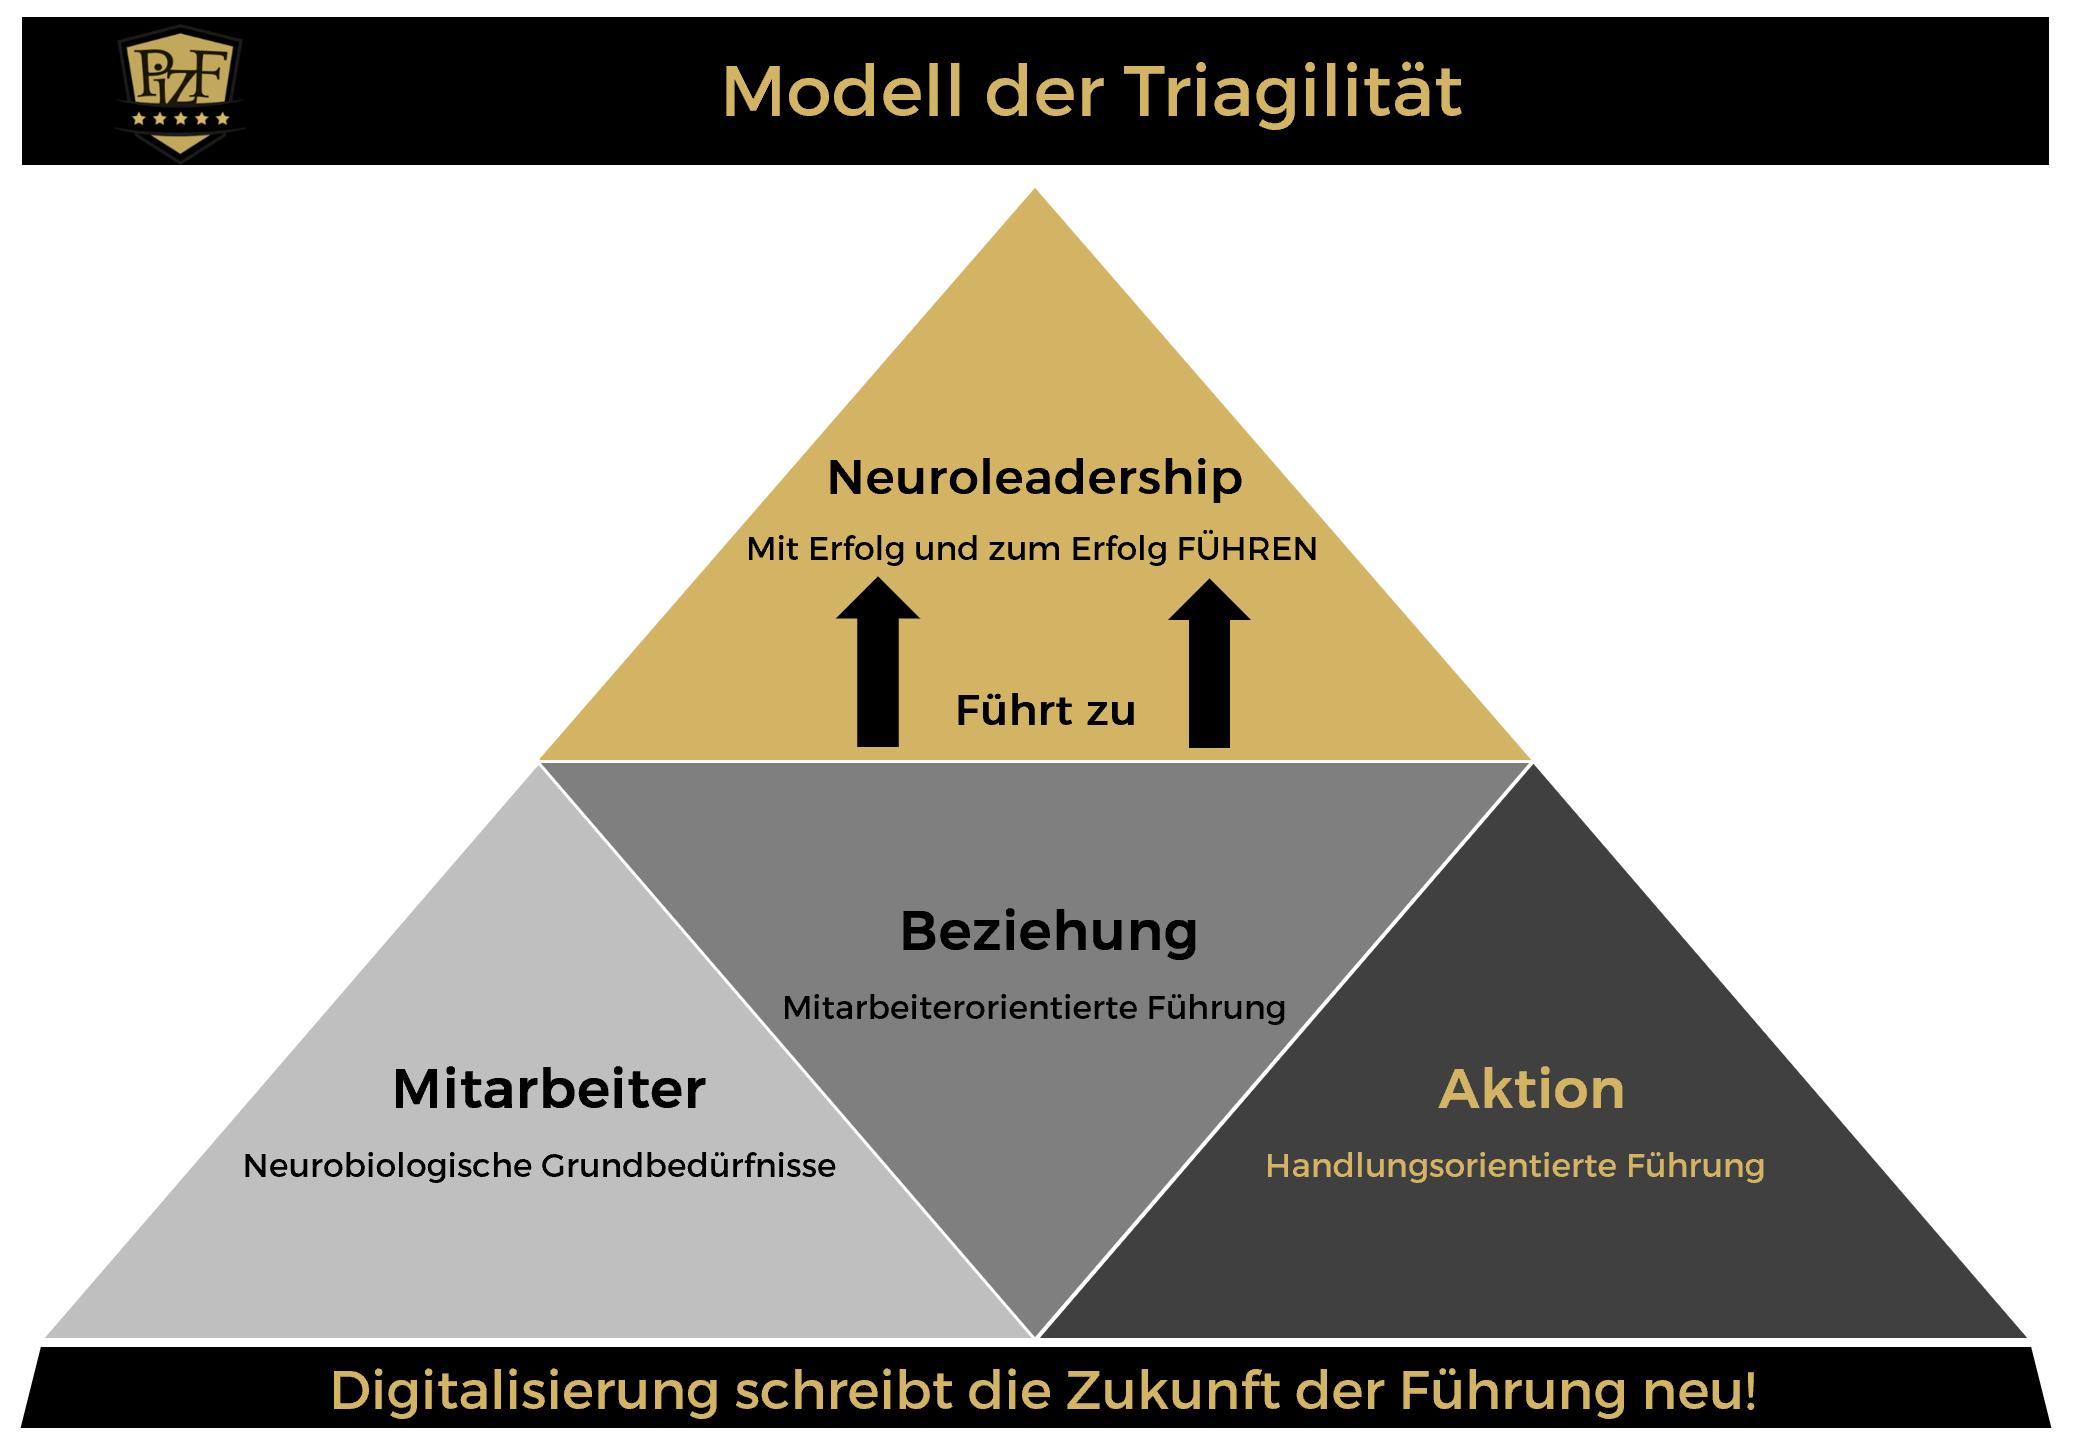 <p>… Triagile Führung bezogen auf die Parameter Mitarbeiter/Beziehung/Aktion</p>